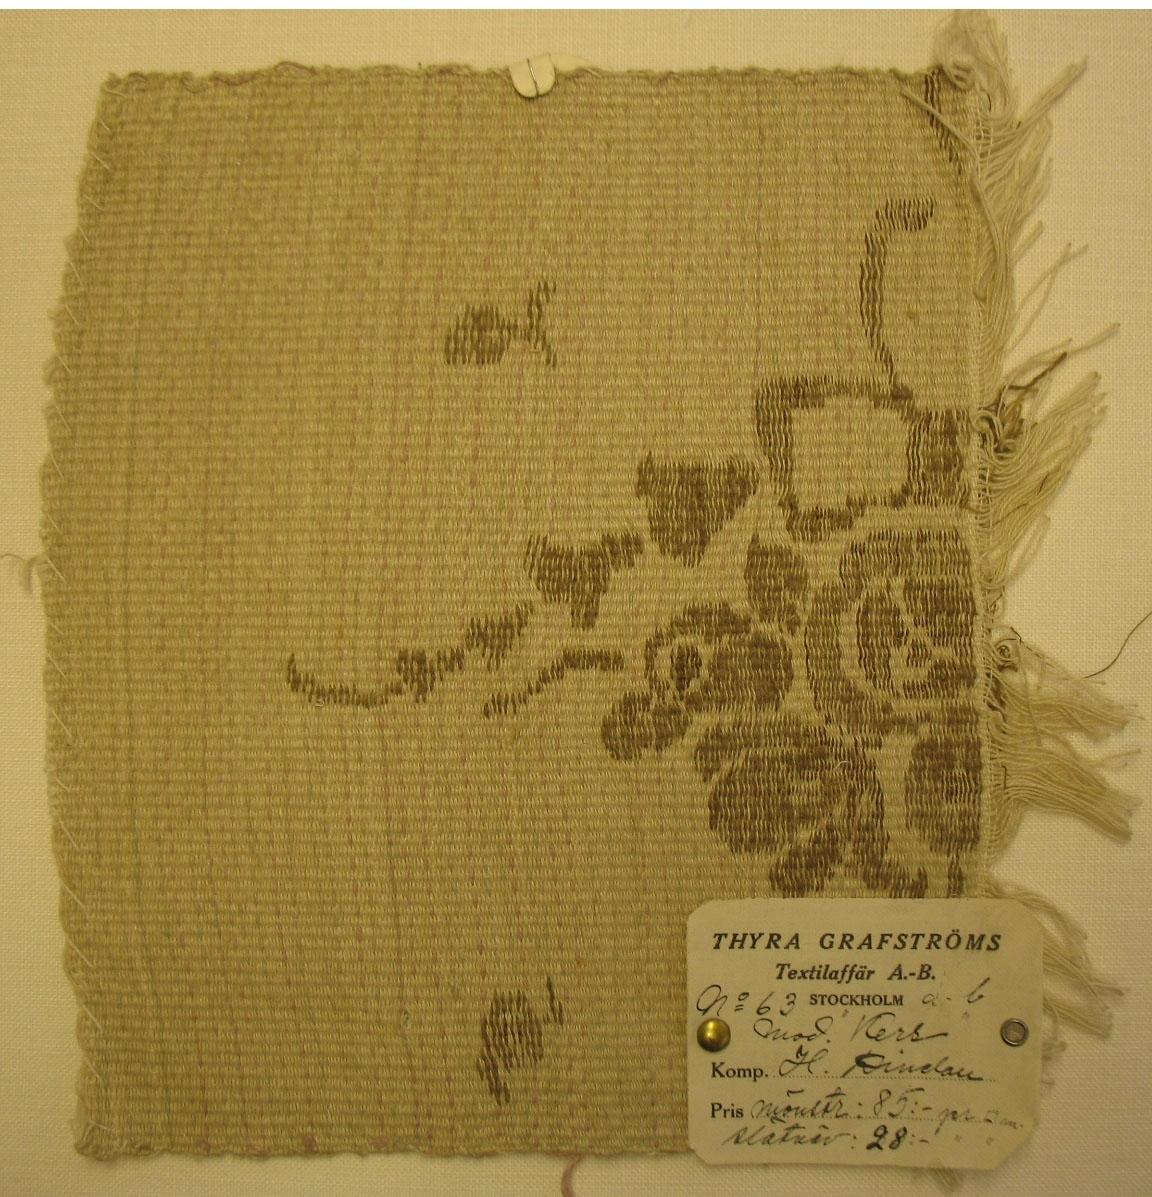 """Tidigare katalogisering enl uppgift av Elisabeth Thorman kompletterad 1958 av Elisabeth Stawenow:  Vävprov 21 x 24 cm till möbelklädsel Varp av vitt bomullsgarn. Väften av lingarn melerad i ljusgrått och rosa, ripseffekt. Inplockat mönster, del av rosenbukett, i H V teknik med brrunt och grönbrunt lingarn samt guldtråd. Komp. Hildegard Dinclau. Thyra Grafström textilaffär A.B. Nr 63. Modell """"Kers"""". Pris mönstrat 85:- kr/m2, slätväv 28:- kr/m2."""